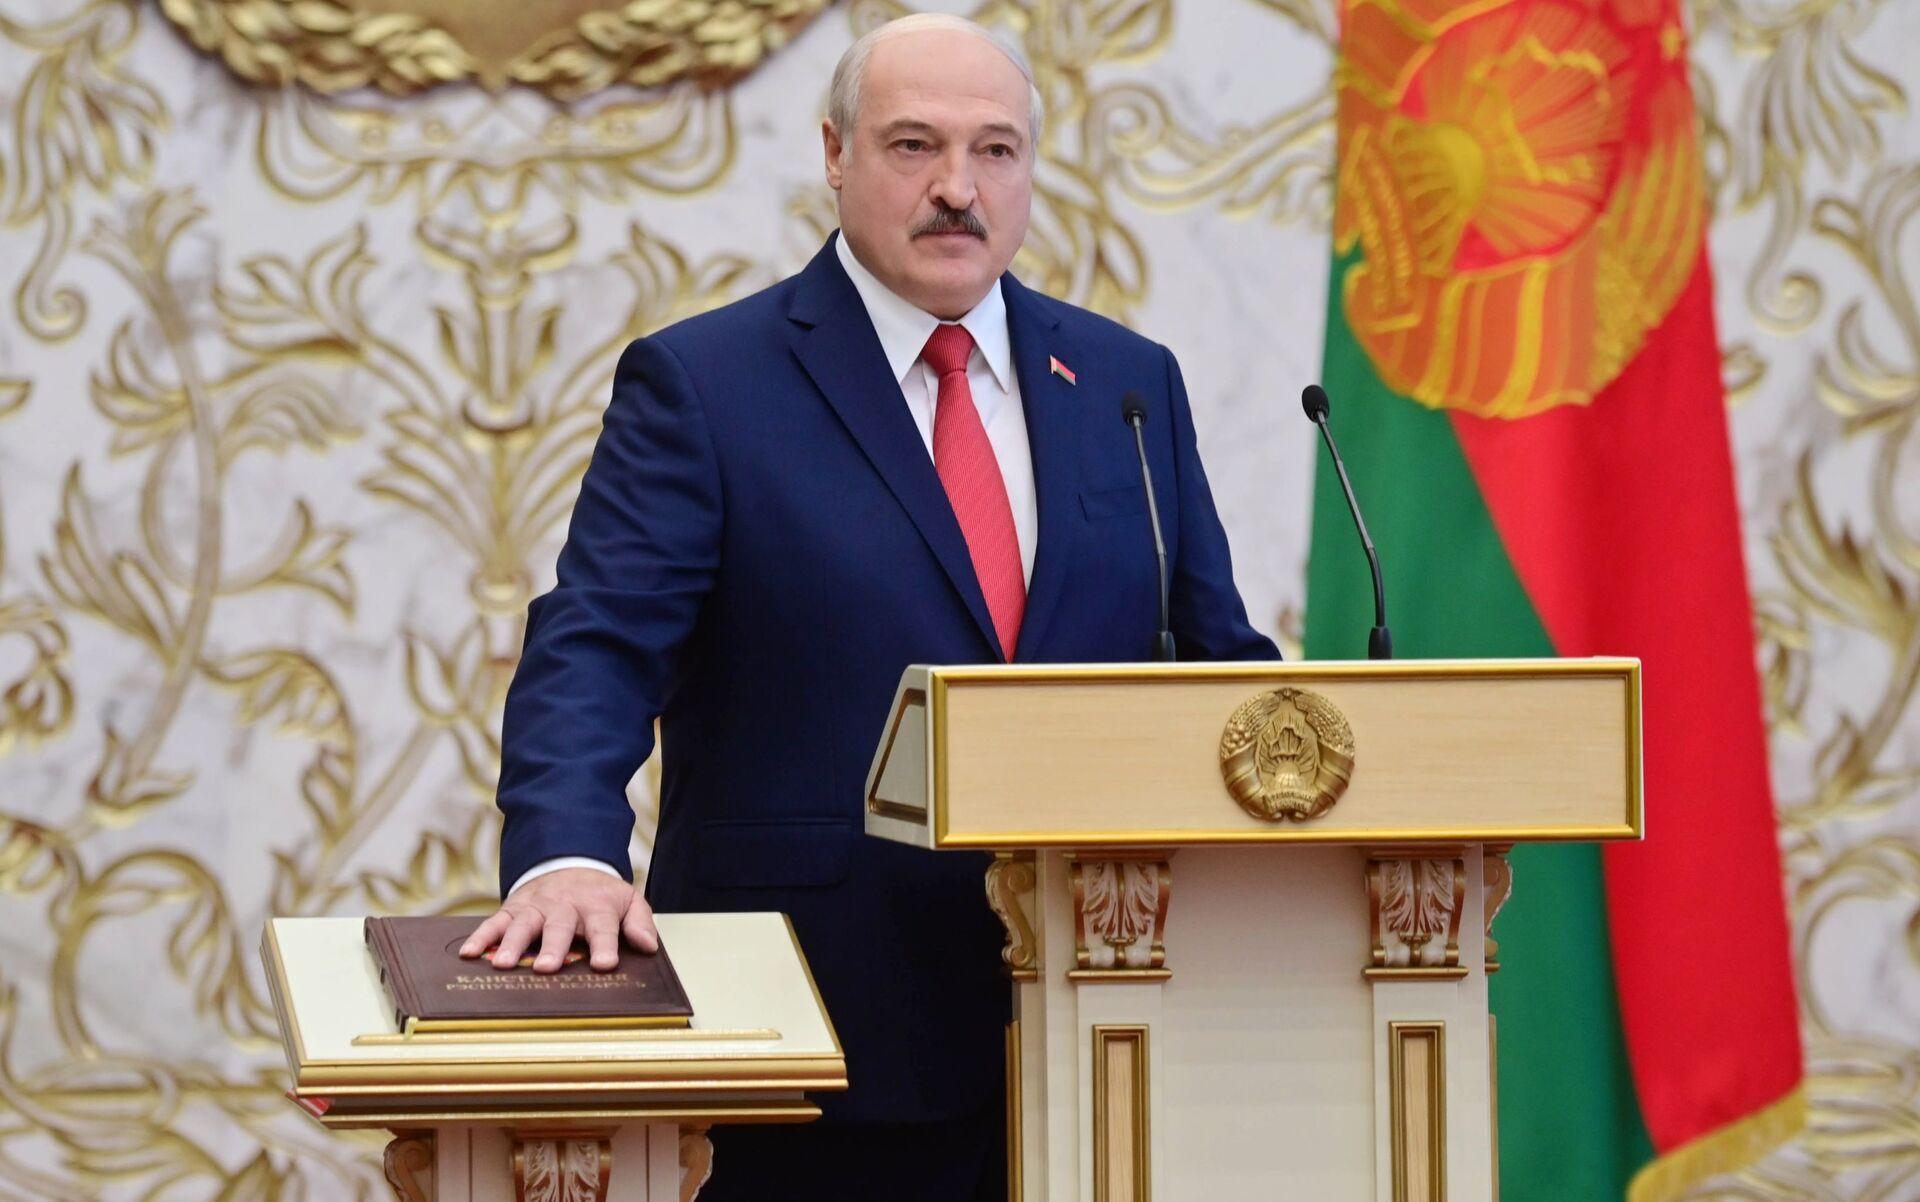 Ông Putin nói về nỗ lực đảo chính ở Belarus - Sputnik Việt Nam, 1920, 21.04.2021